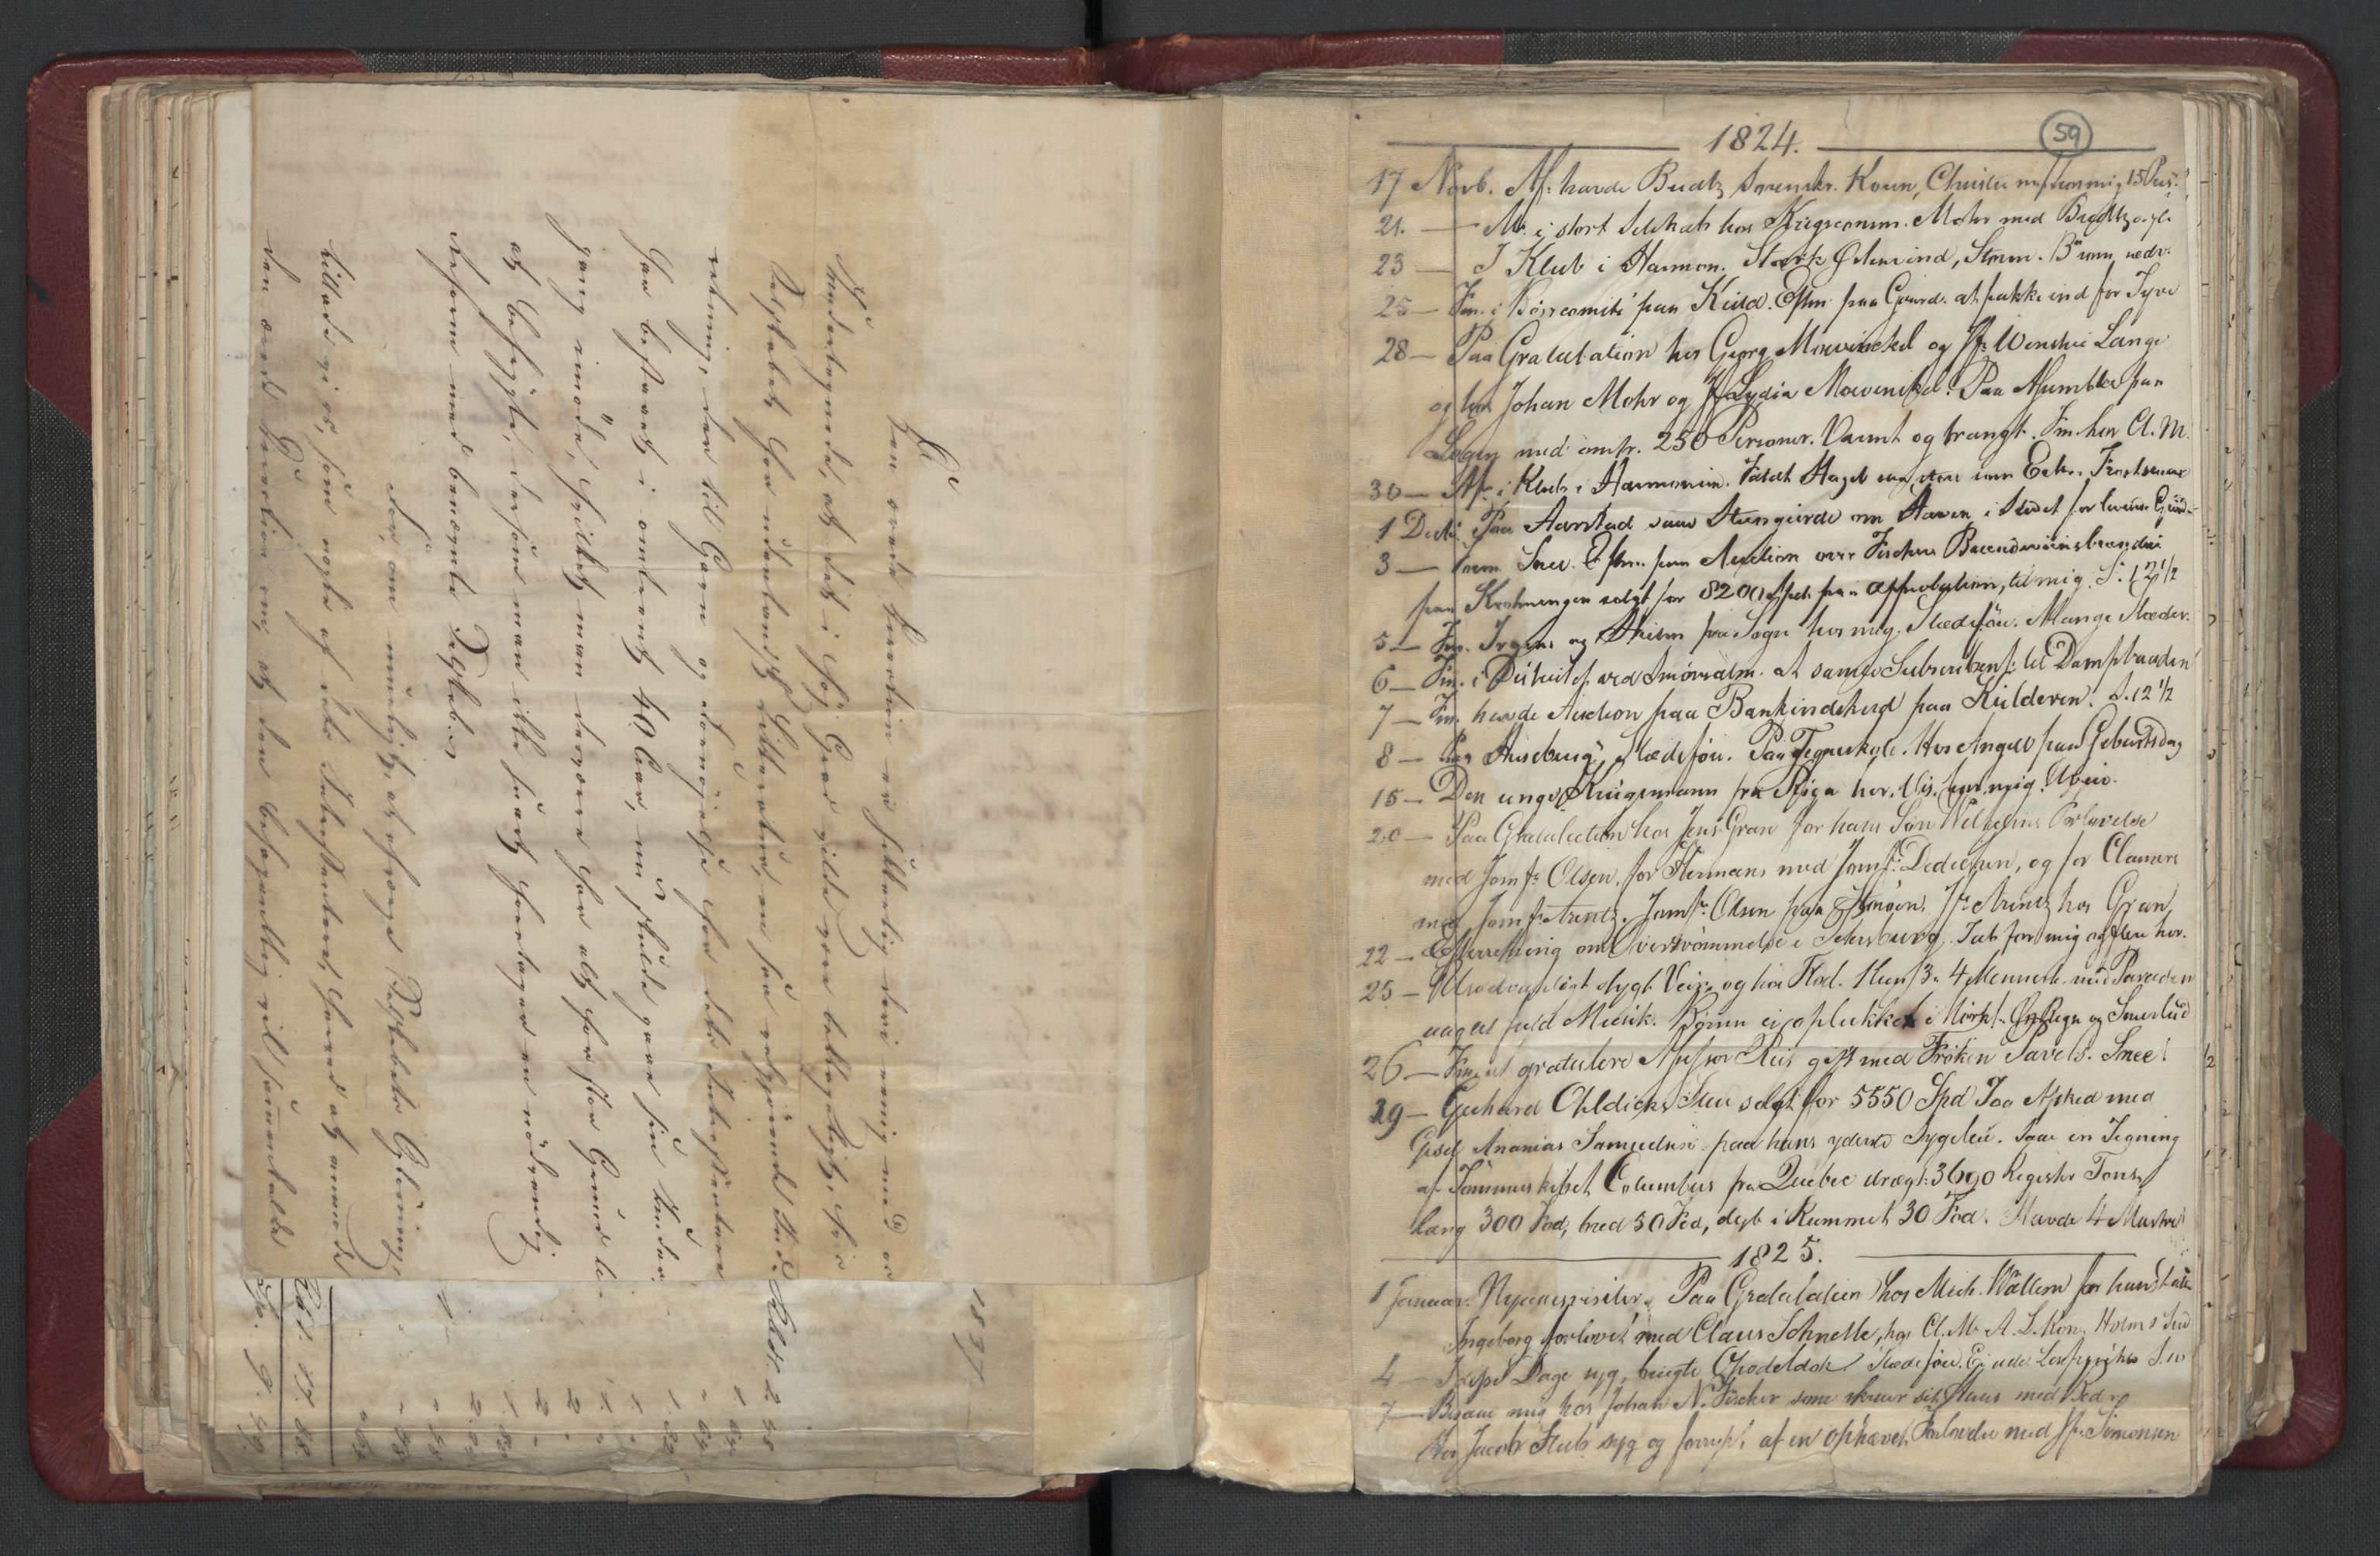 RA, Meltzer, Fredrik, F/L0003: Dagbok, 1821-1831, s. 58b-59a